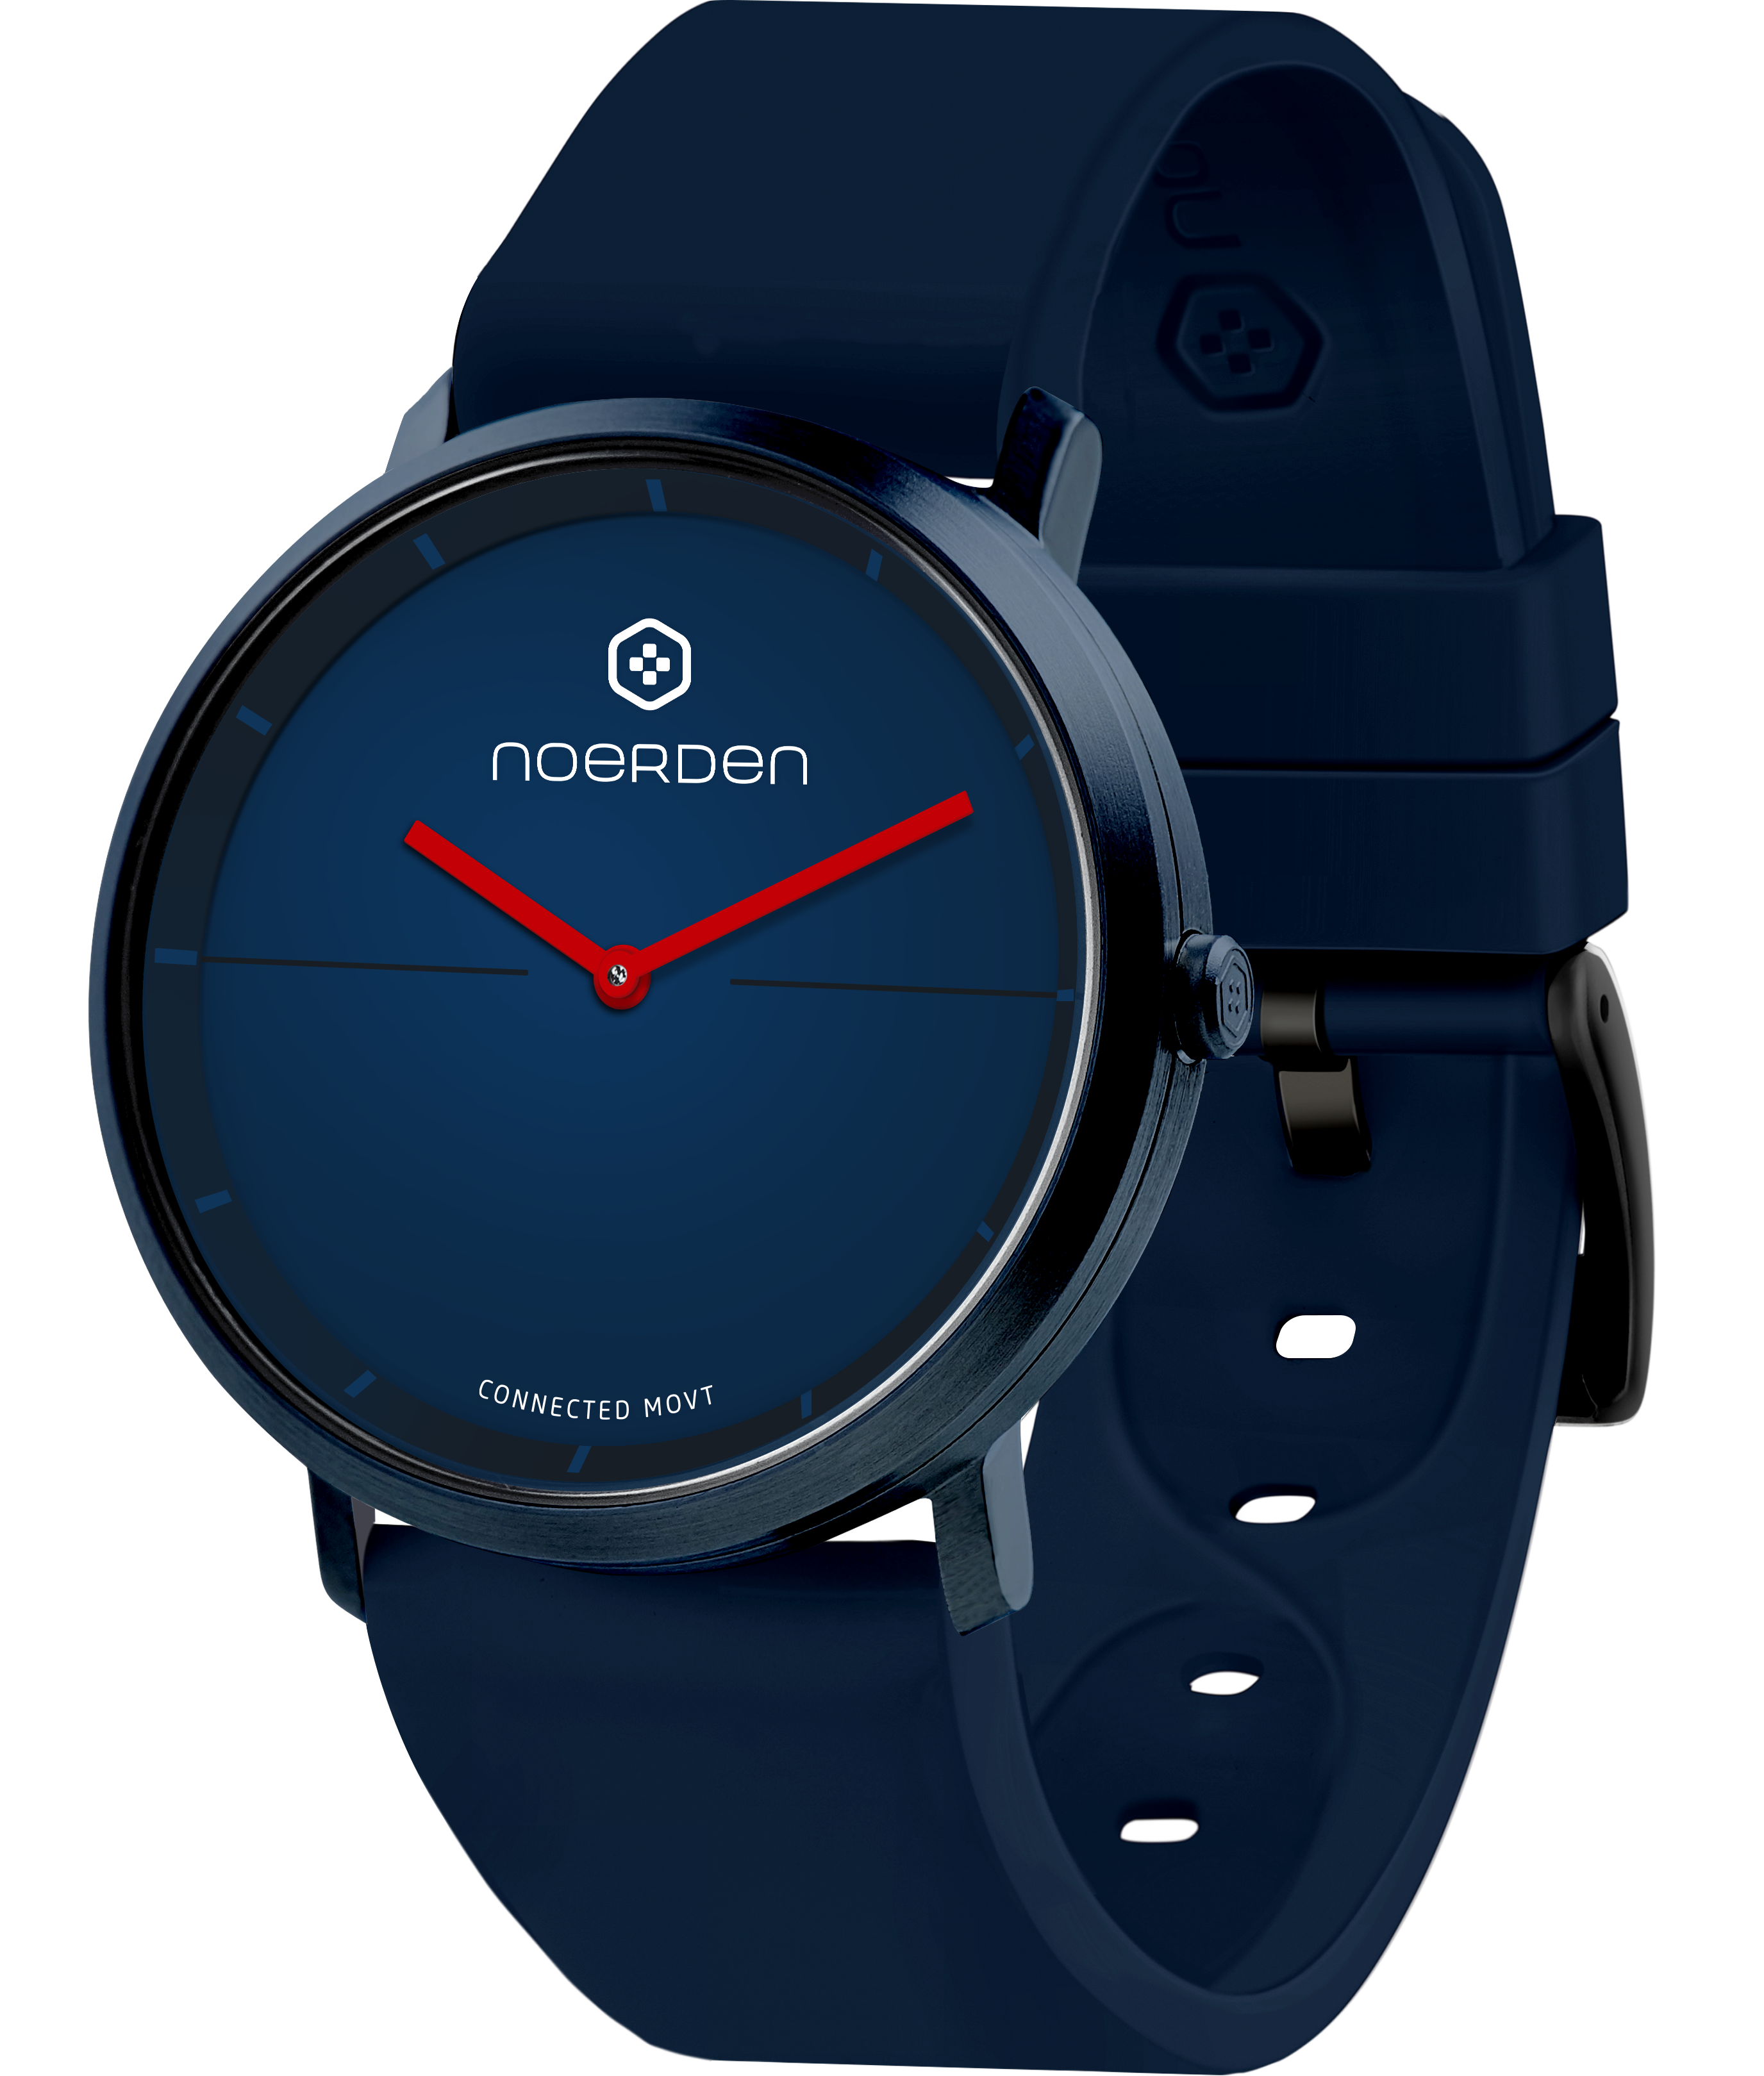 NOERDEN LIFE2 NAVY + dāvanā papildus siksniņa Viedais pulkstenis, smartwatch